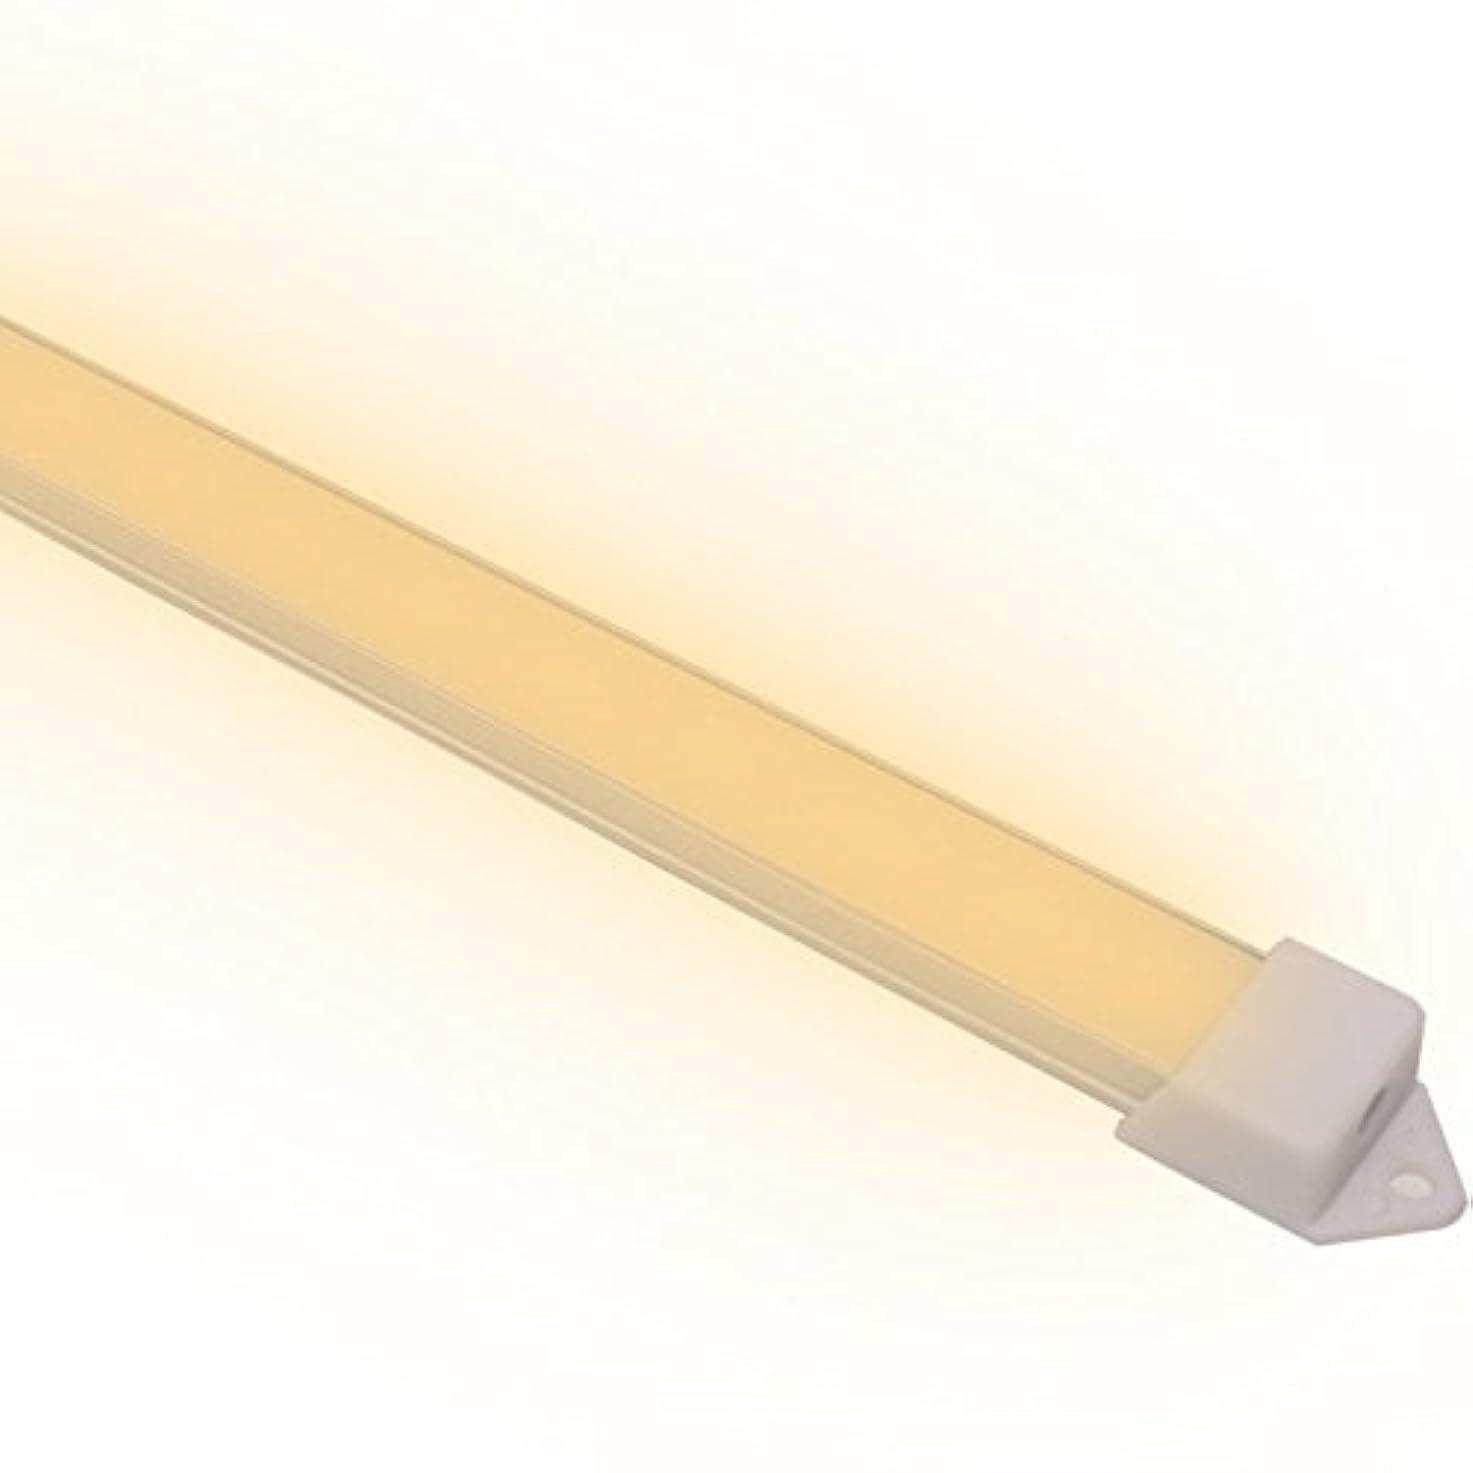 援助する要旨調和エジソン東京 デスクライト LEDバーライト スリムな薄型タイプ 102cm 電球色 USB電源式 マグネット取付